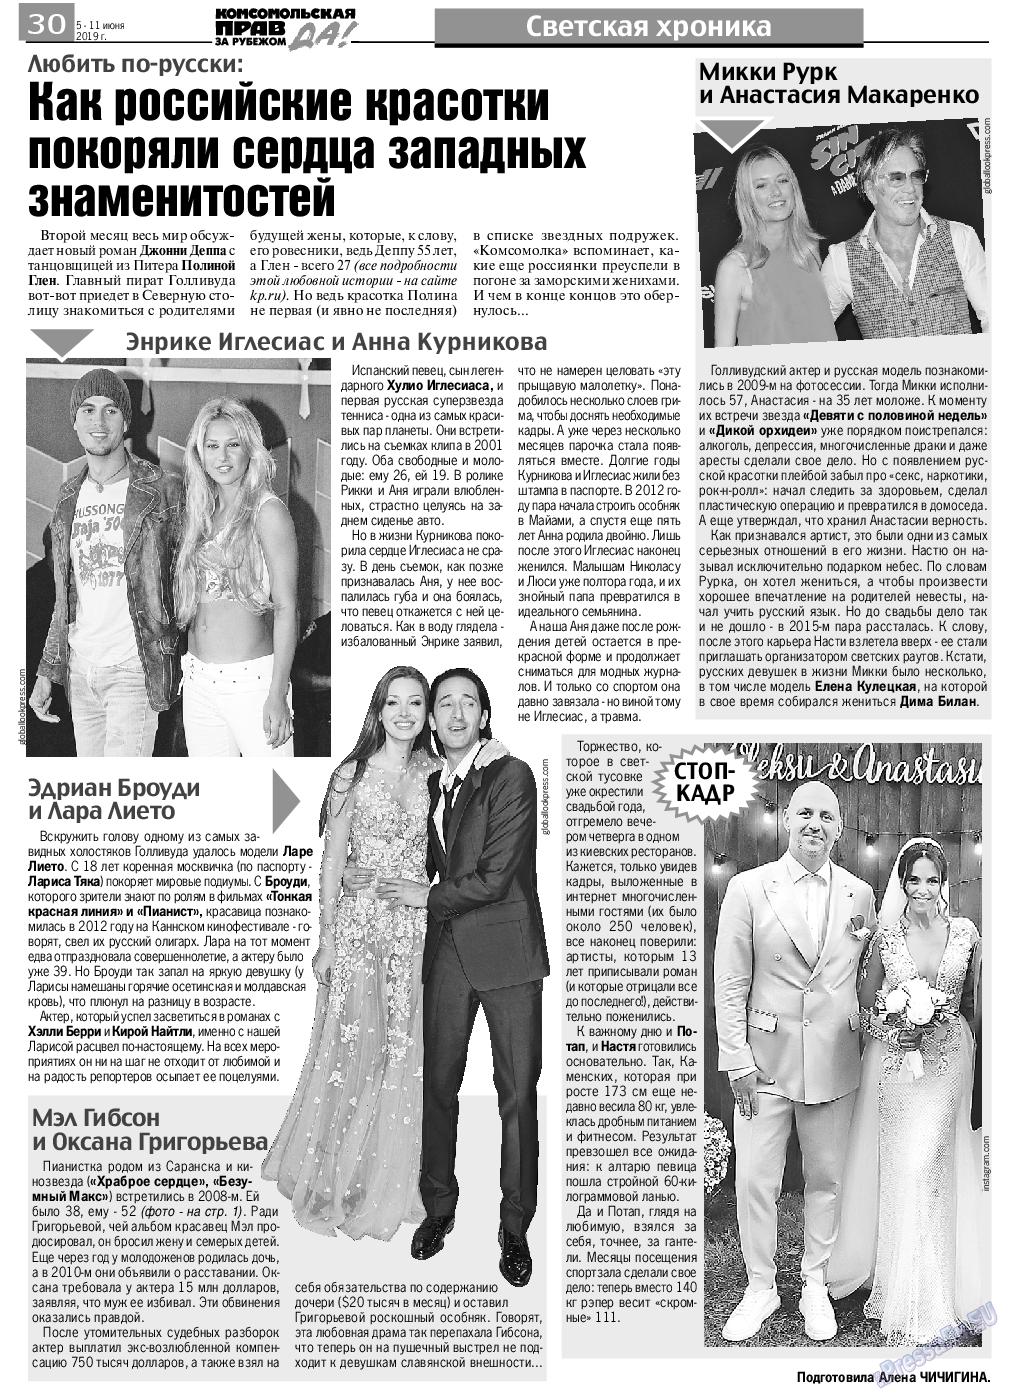 КП в Европе (газета). 2019 год, номер 23, стр. 30